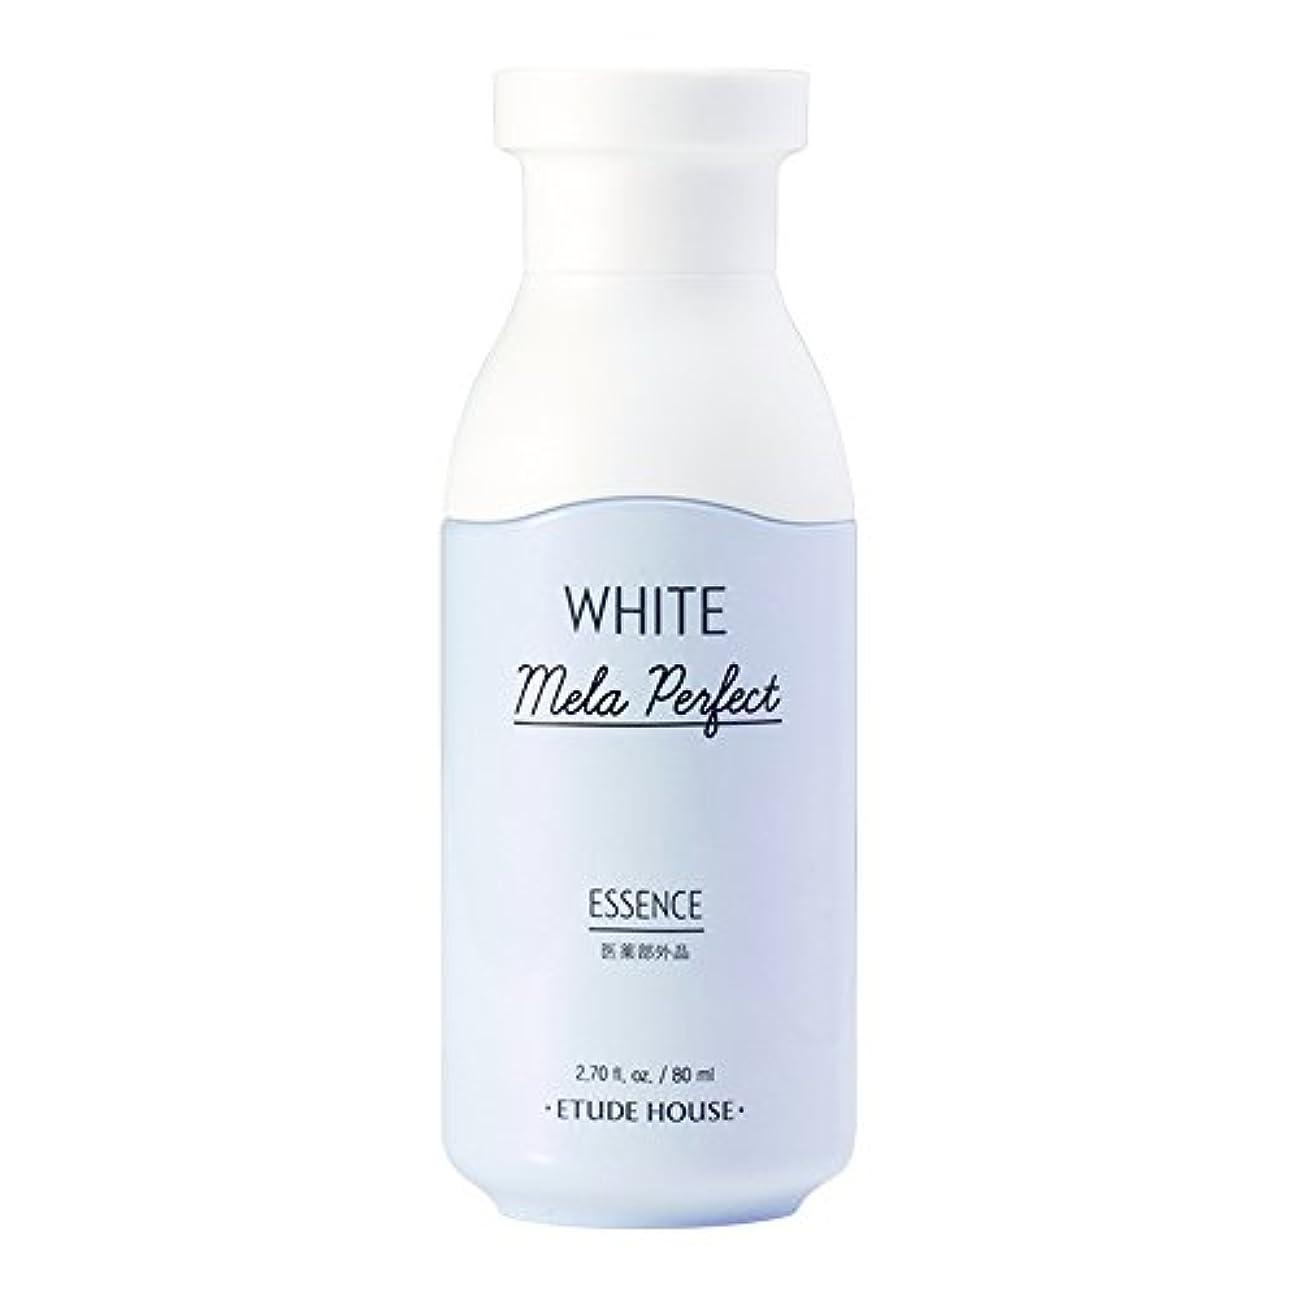 引き渡す人道的照らすエチュードハウス(ETUDE HOUSE) ホワイトメラパーフェクト エッセンス「美白美容液」